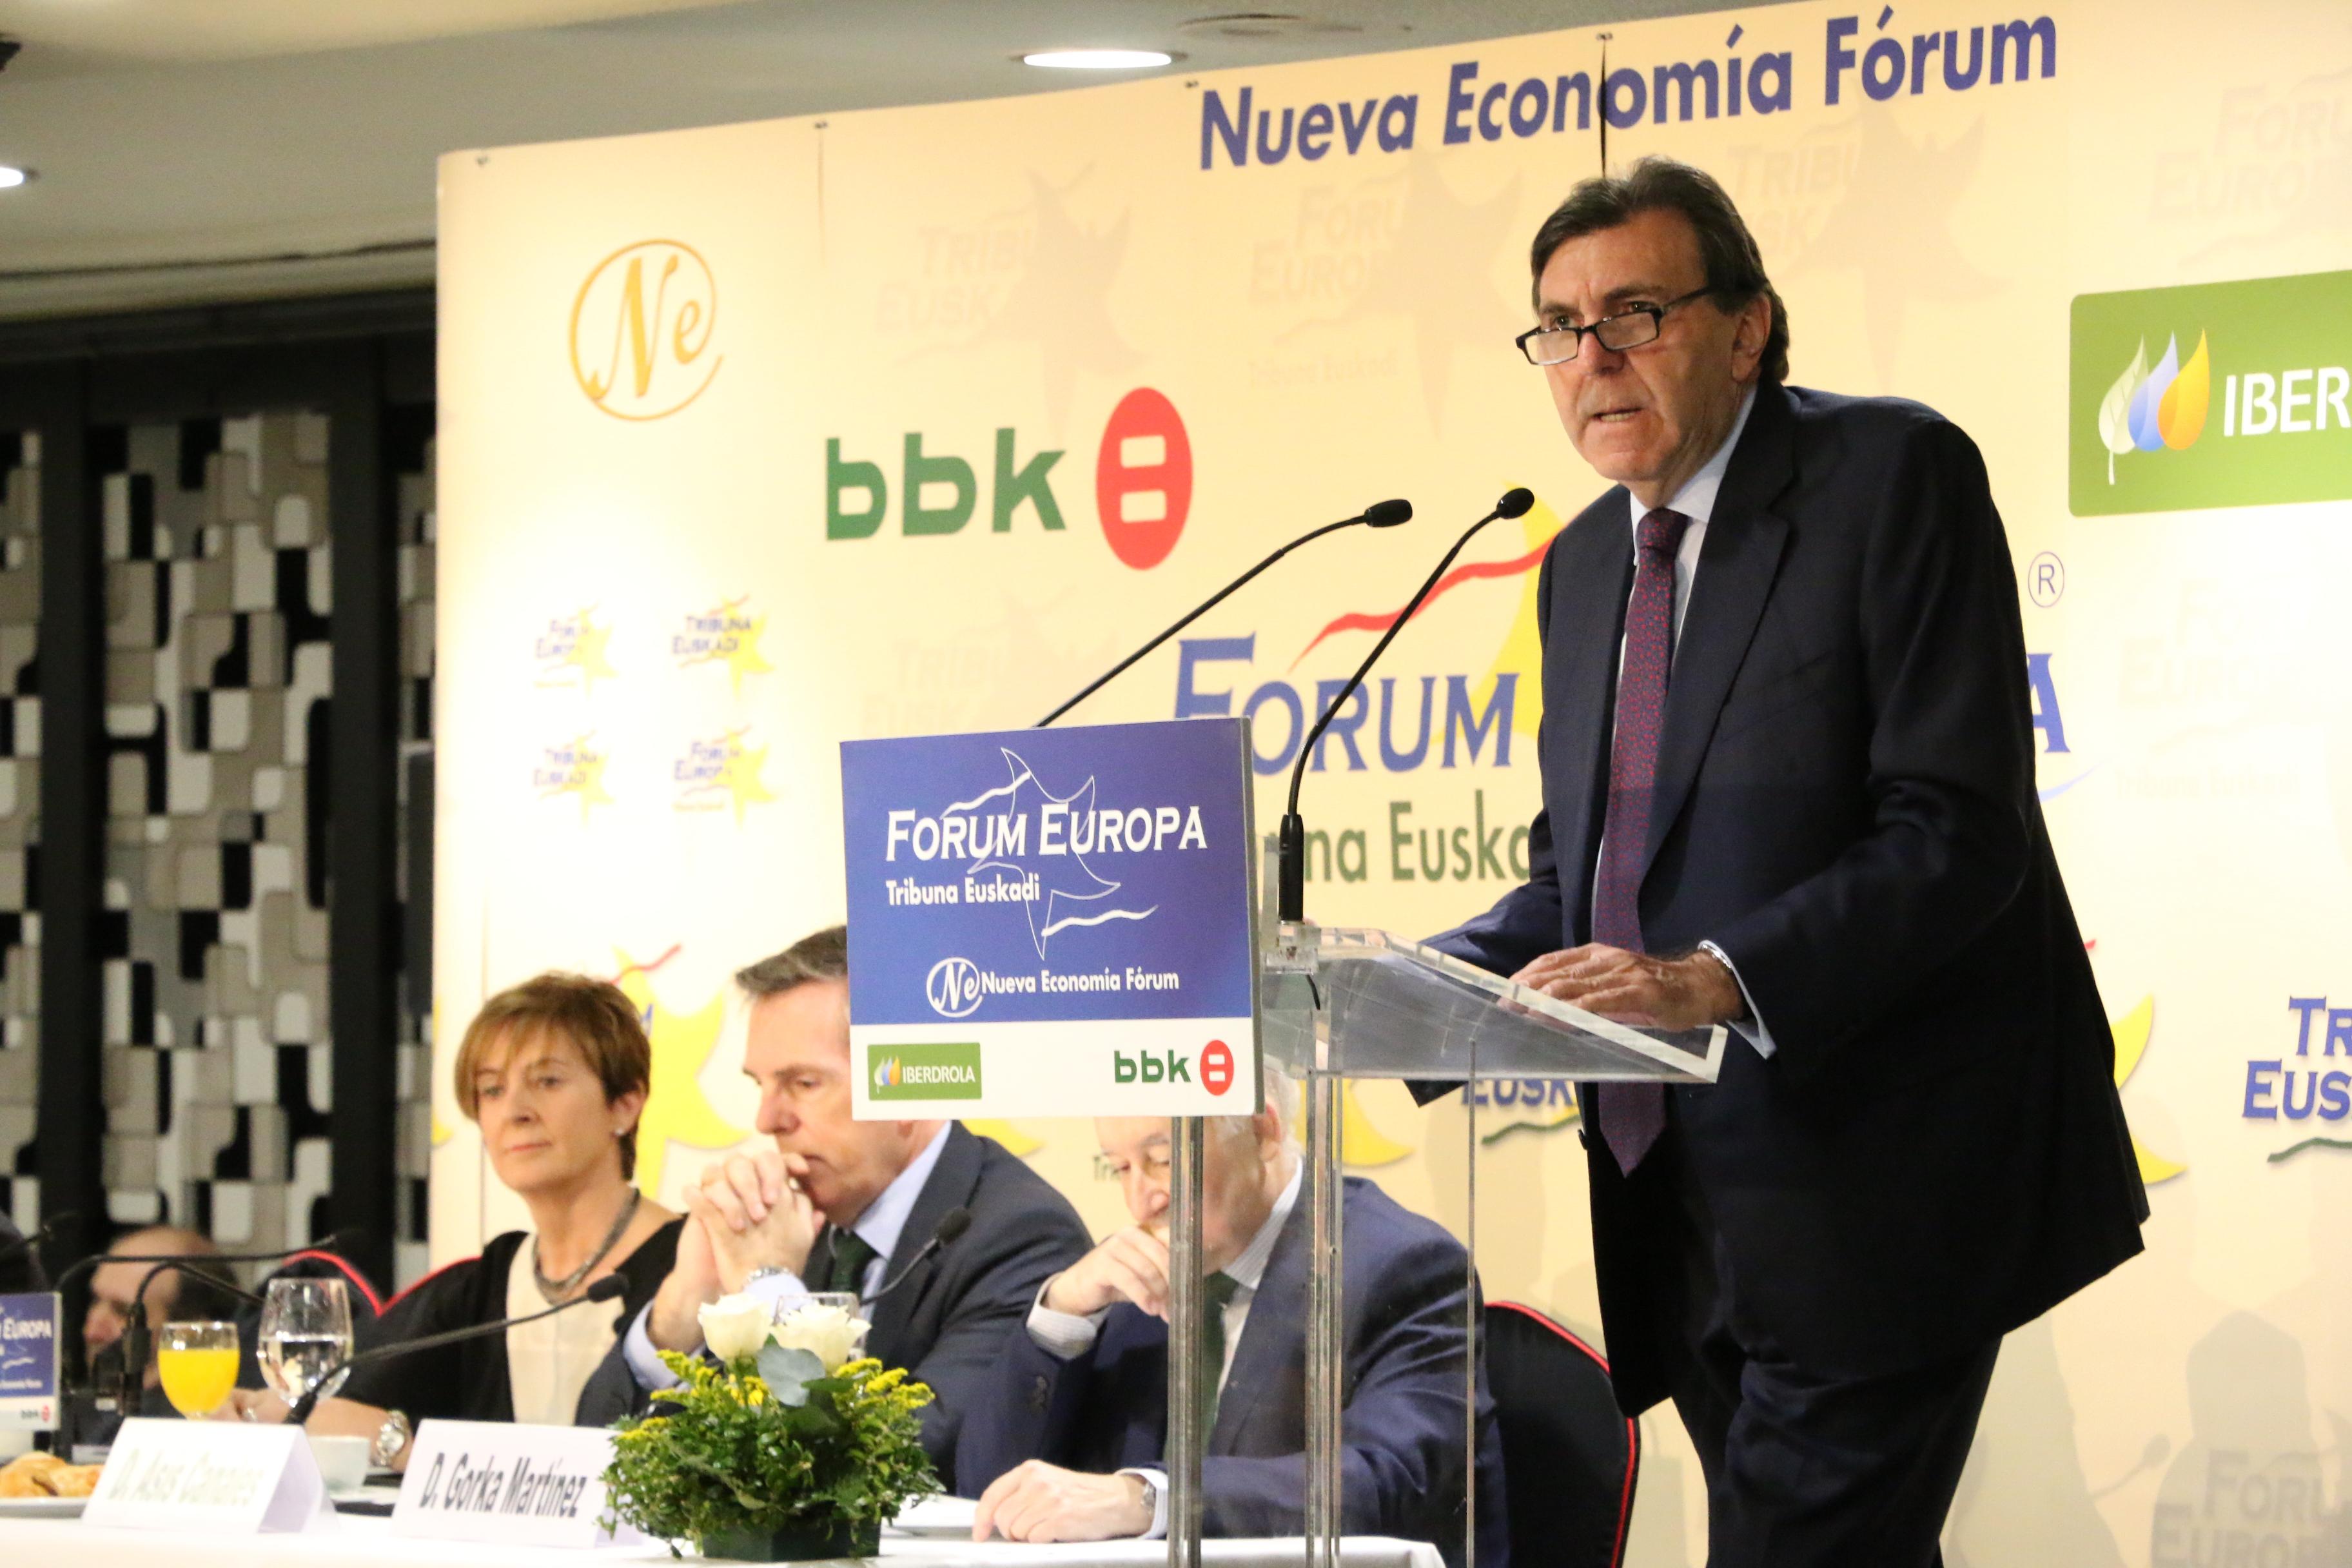 foro_nueva_economia_07.jpg